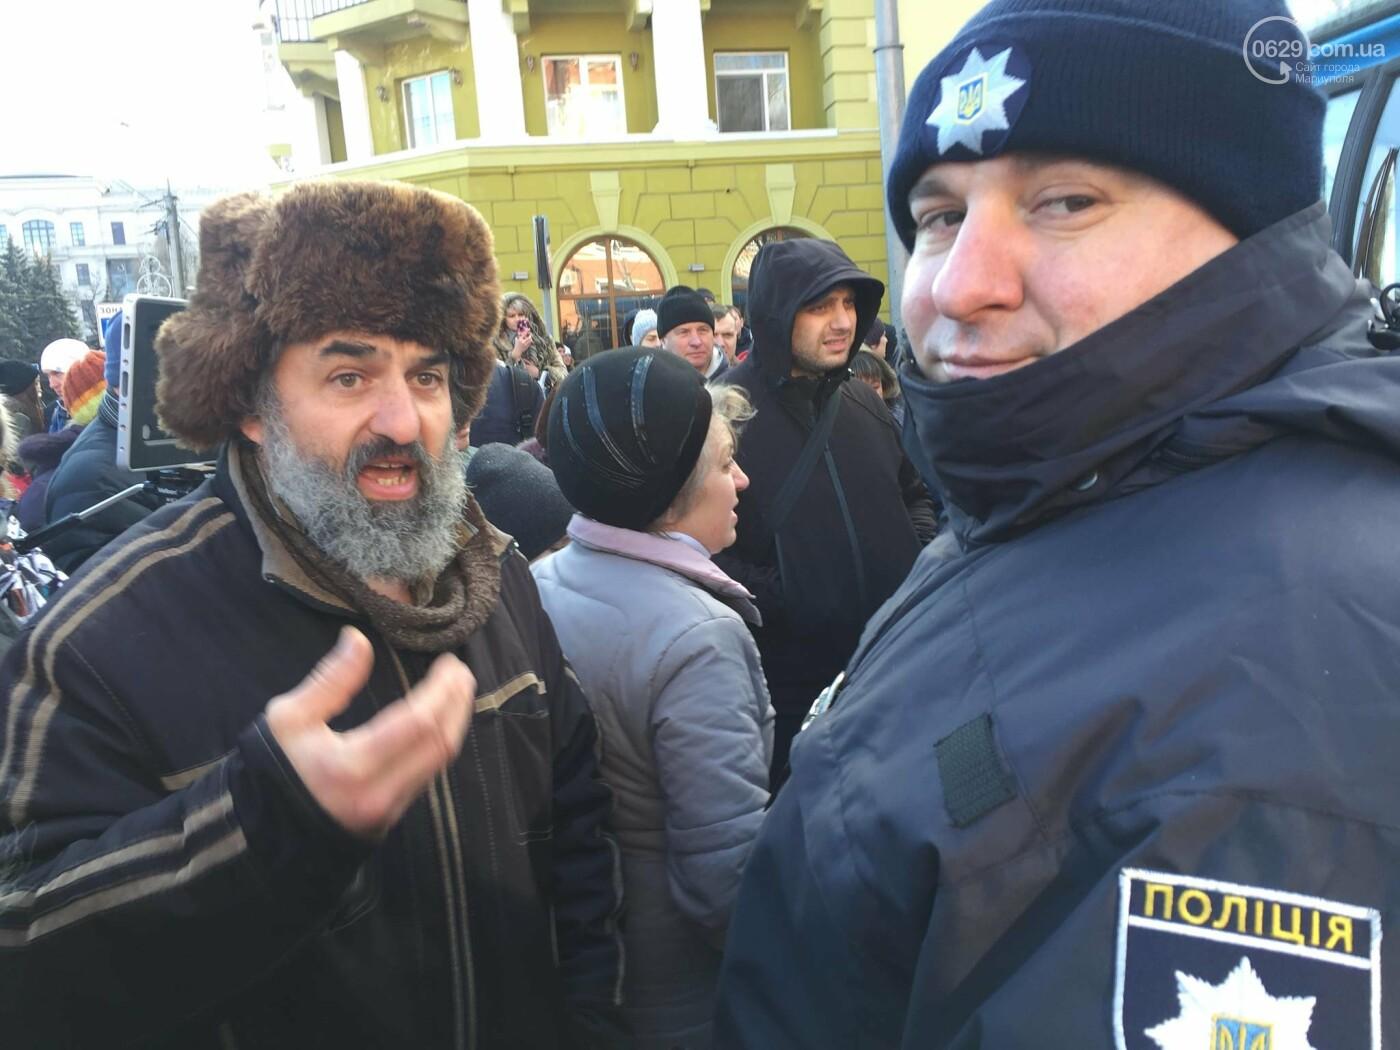 Мариупольцы митингуют против повышения тарифов на проезд, - ФОТО, ВИДЕО, Дополняется, фото-4